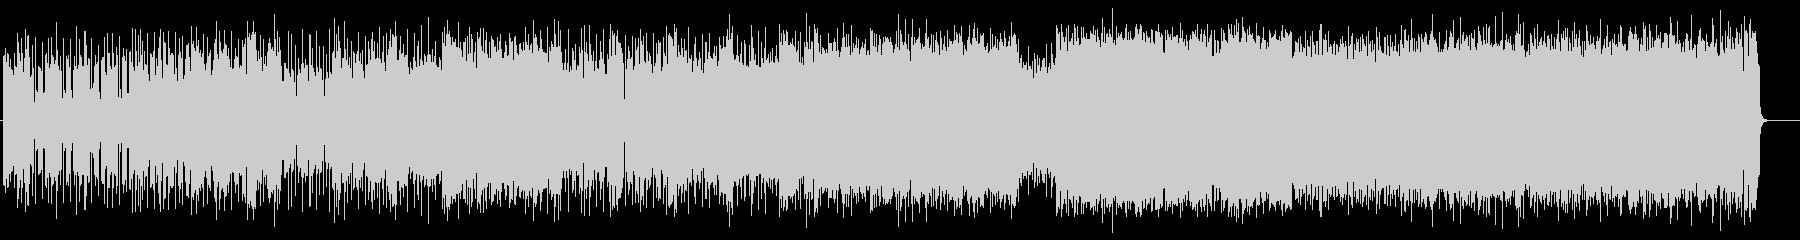 ハイテンションなリフとグルーブのファンクの未再生の波形